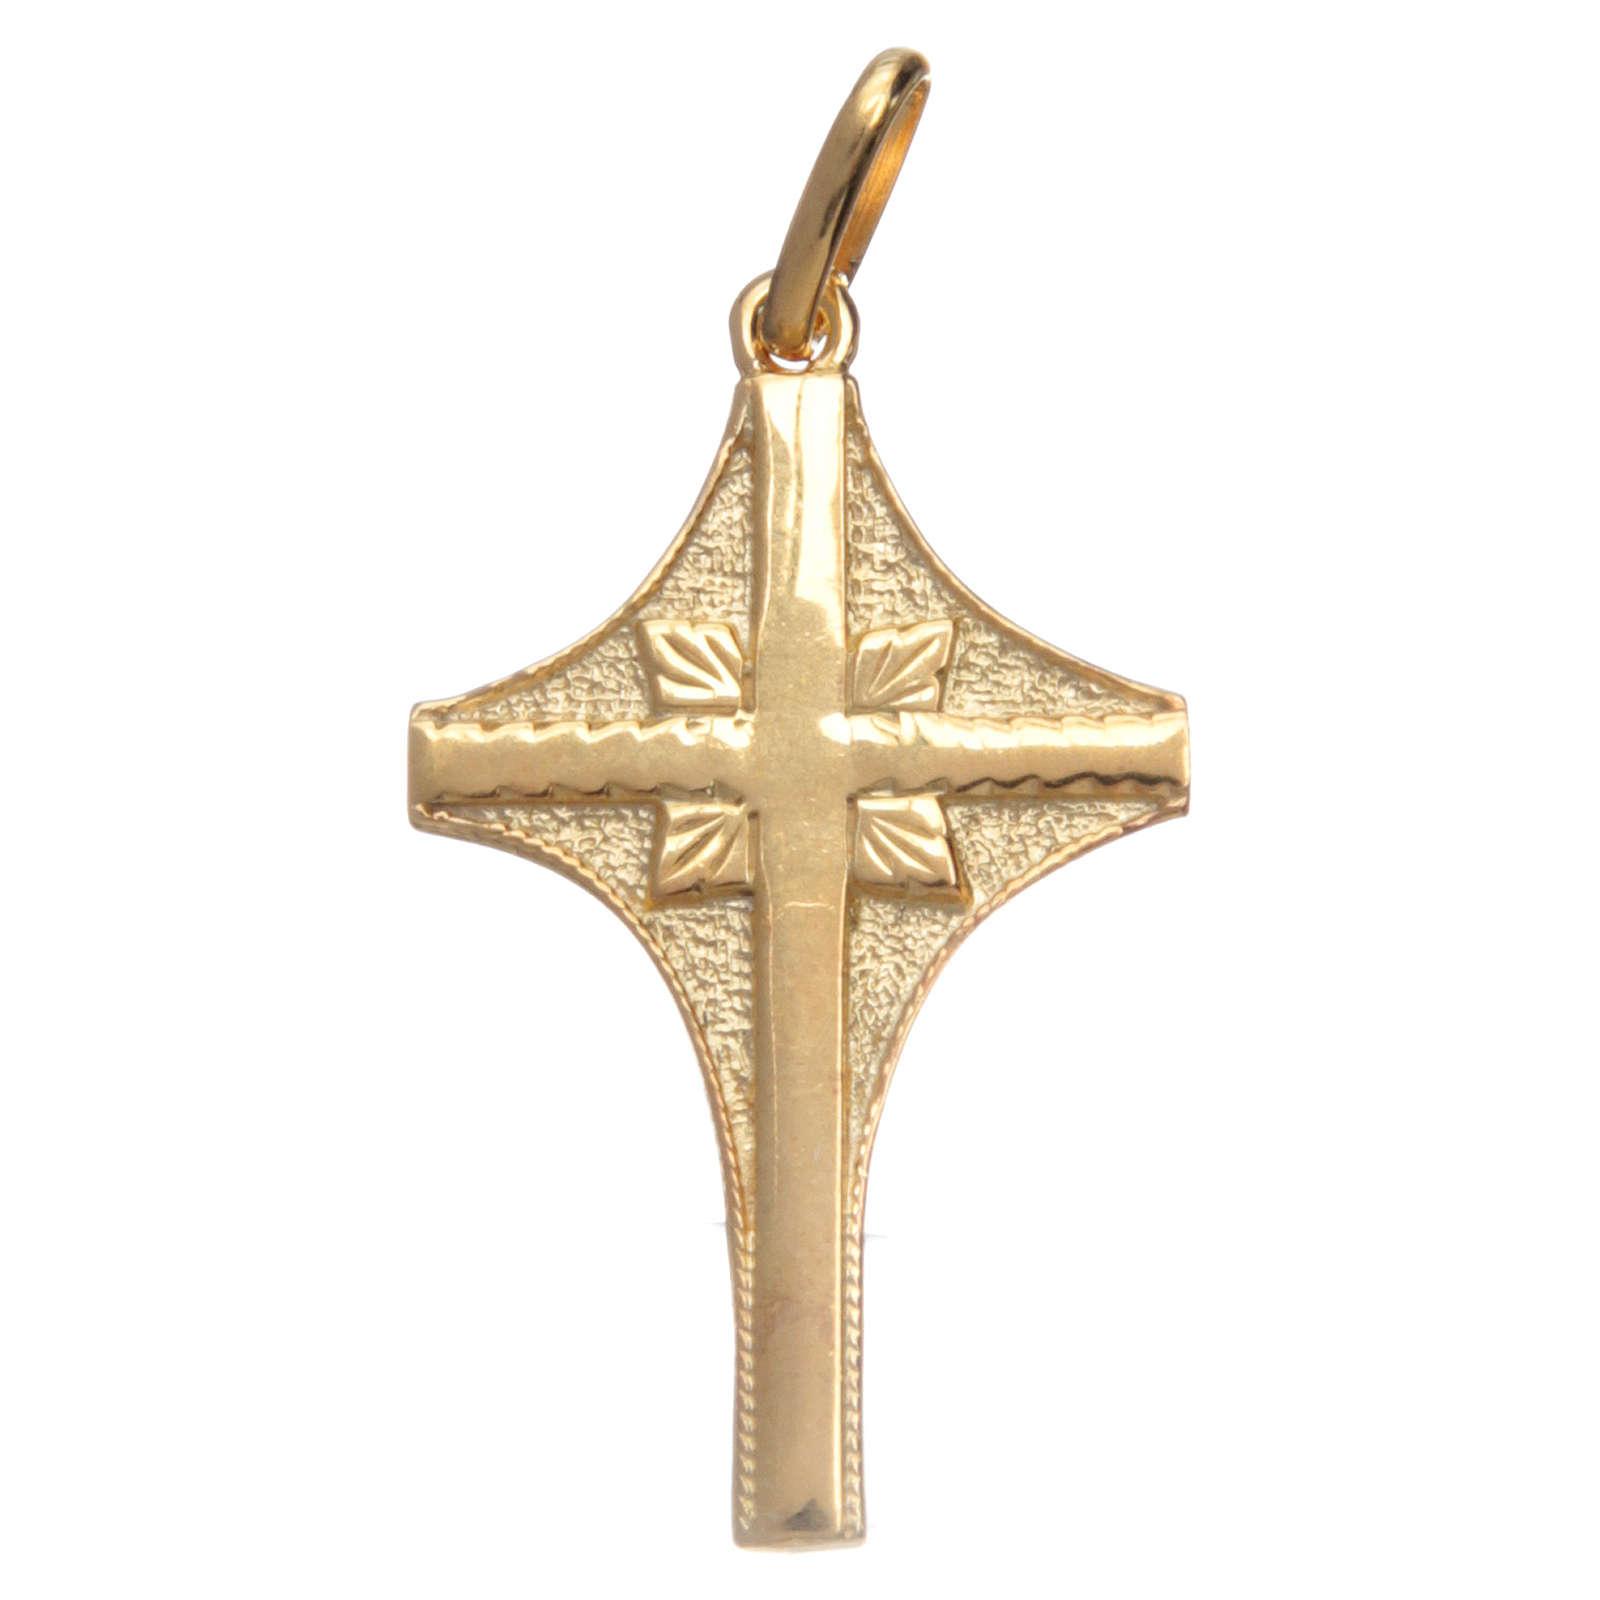 Croce in argento dorato doppia finitura 3x2 cm 4